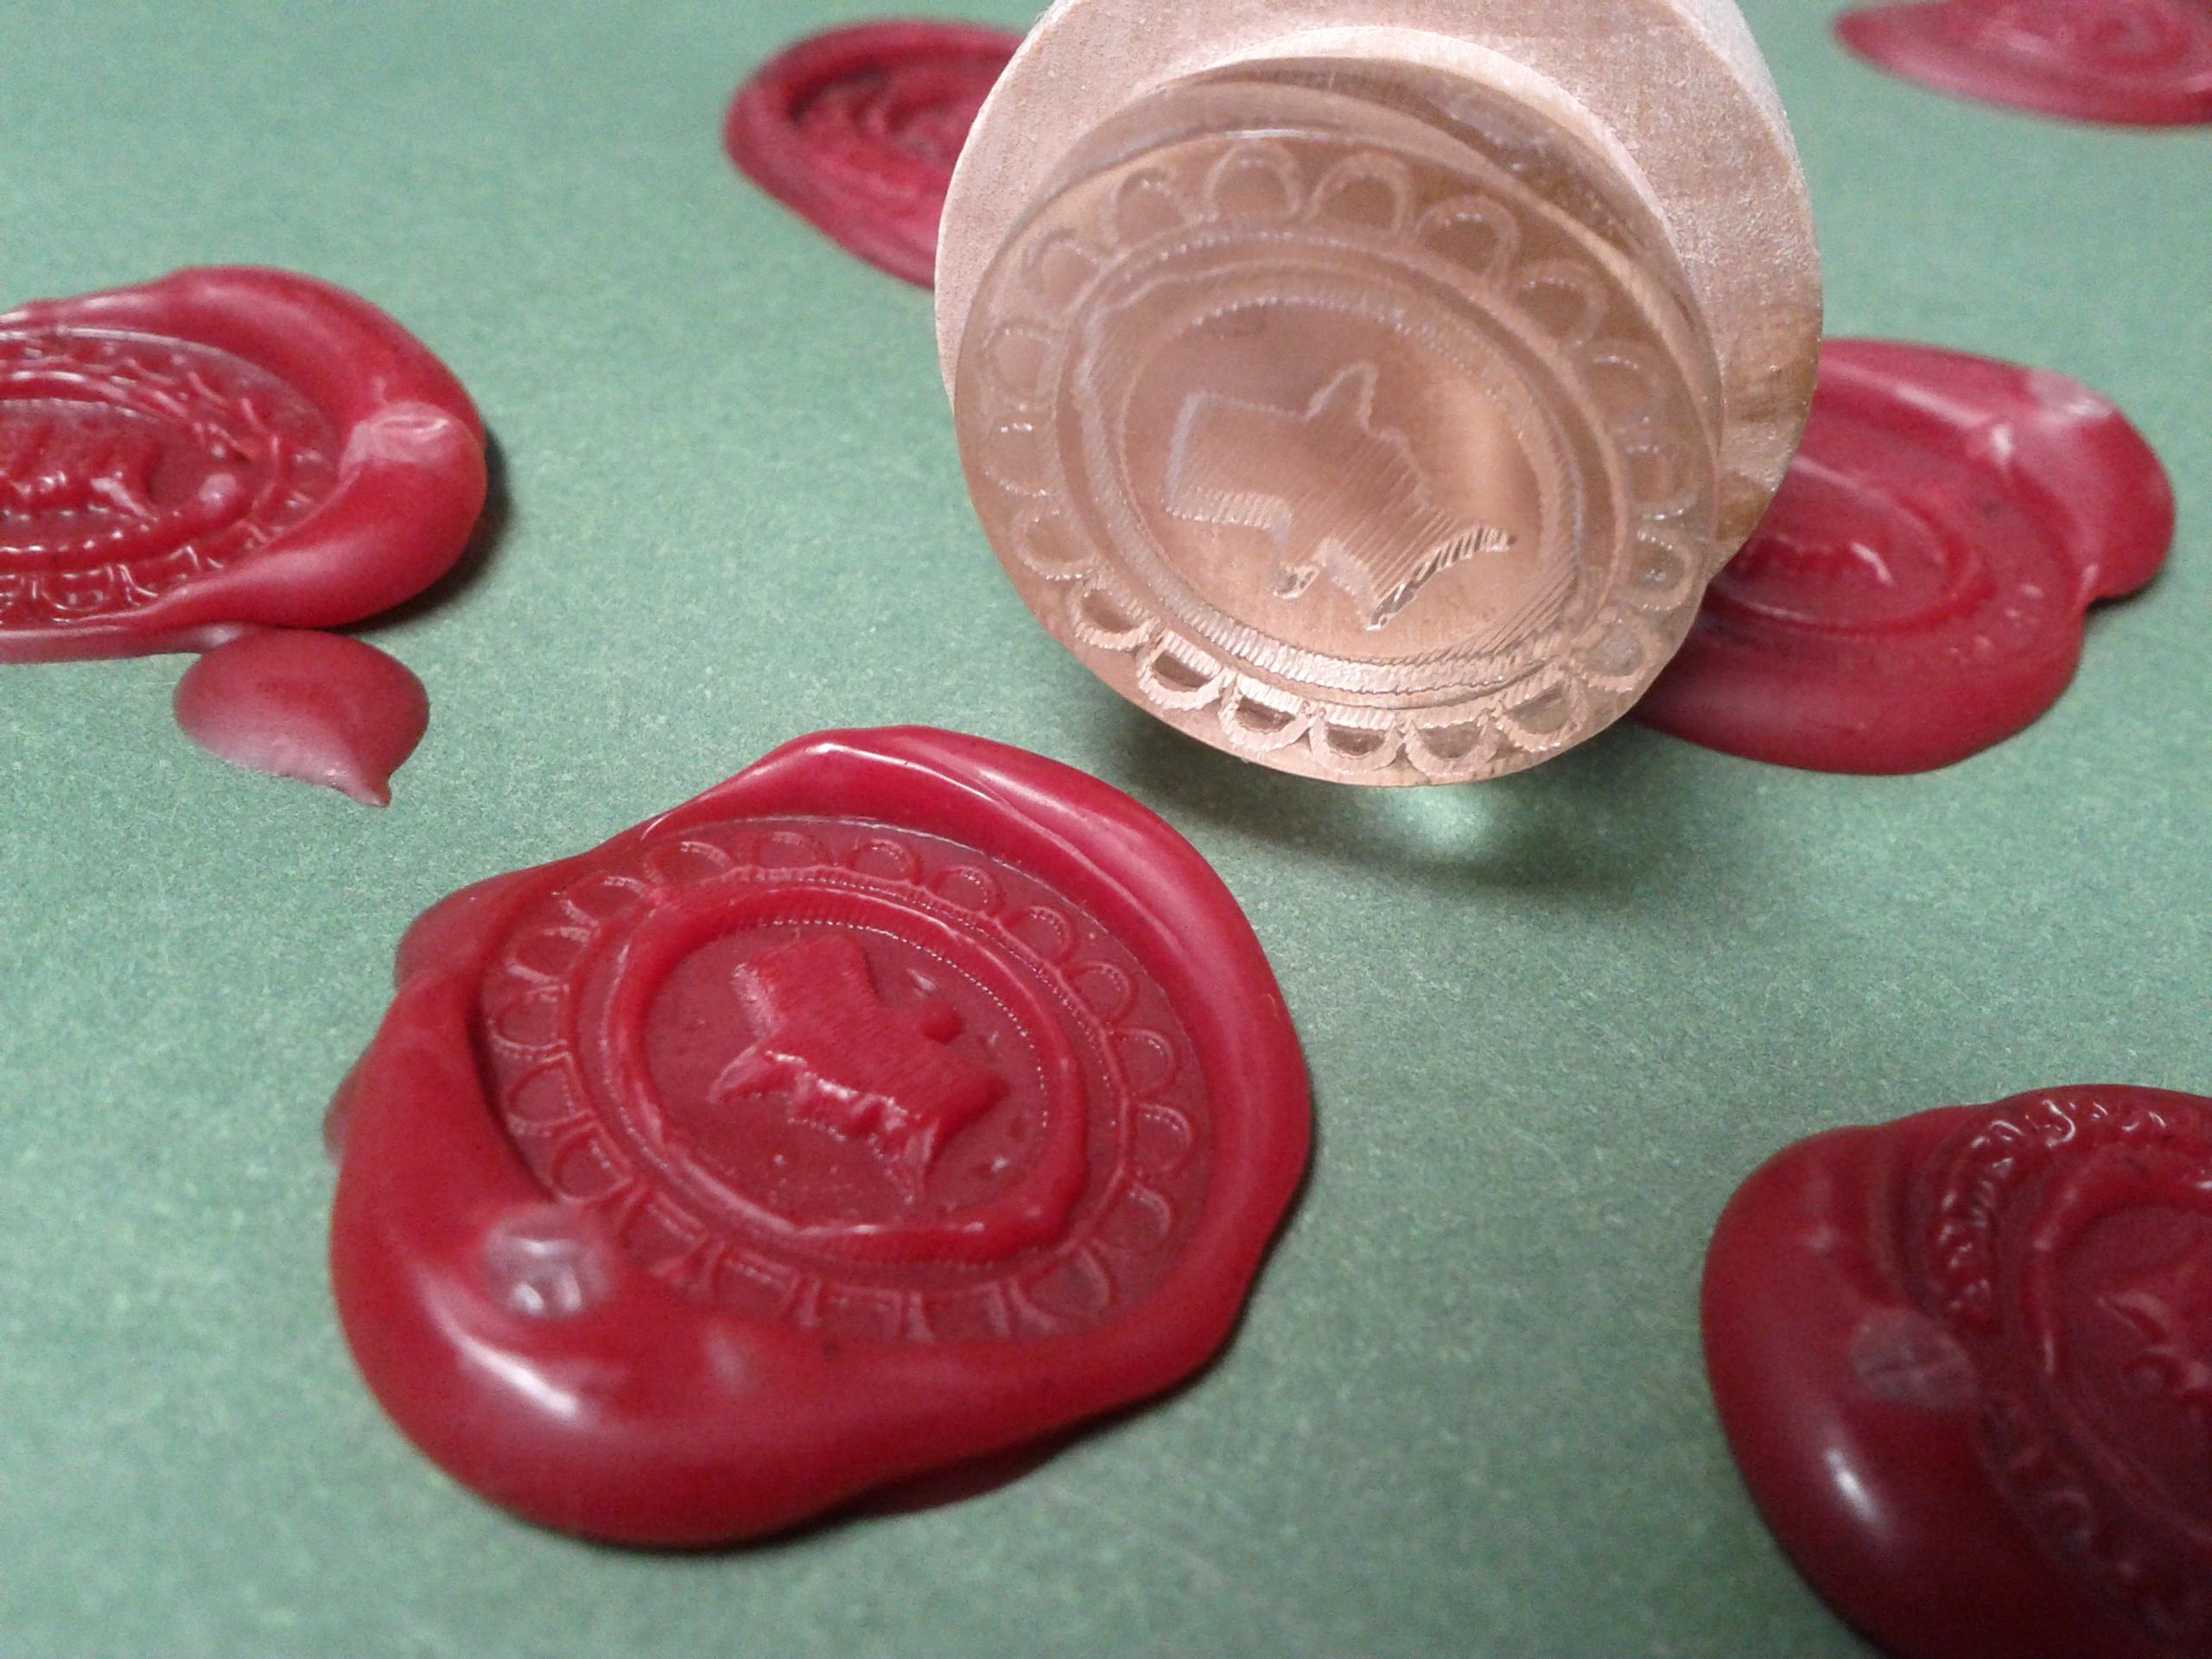 Wax Seals From a Laser Cutter